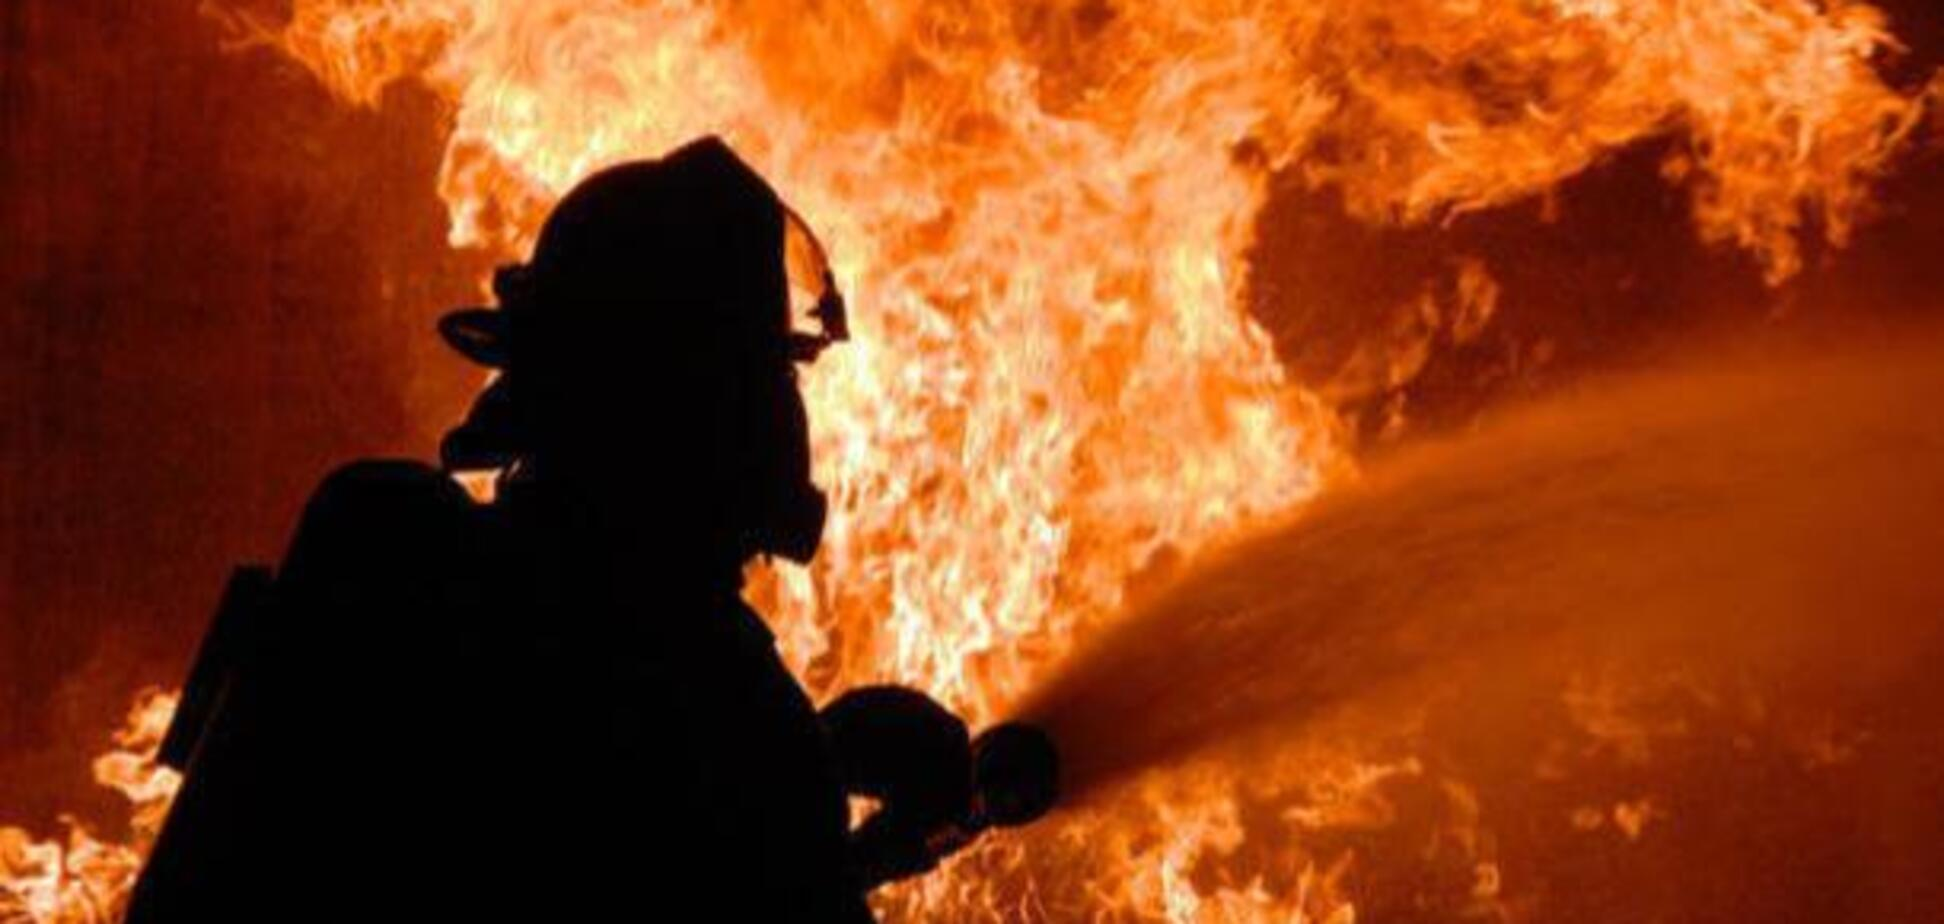 Житель Мелитополя едва не сгорел в собственной квартире